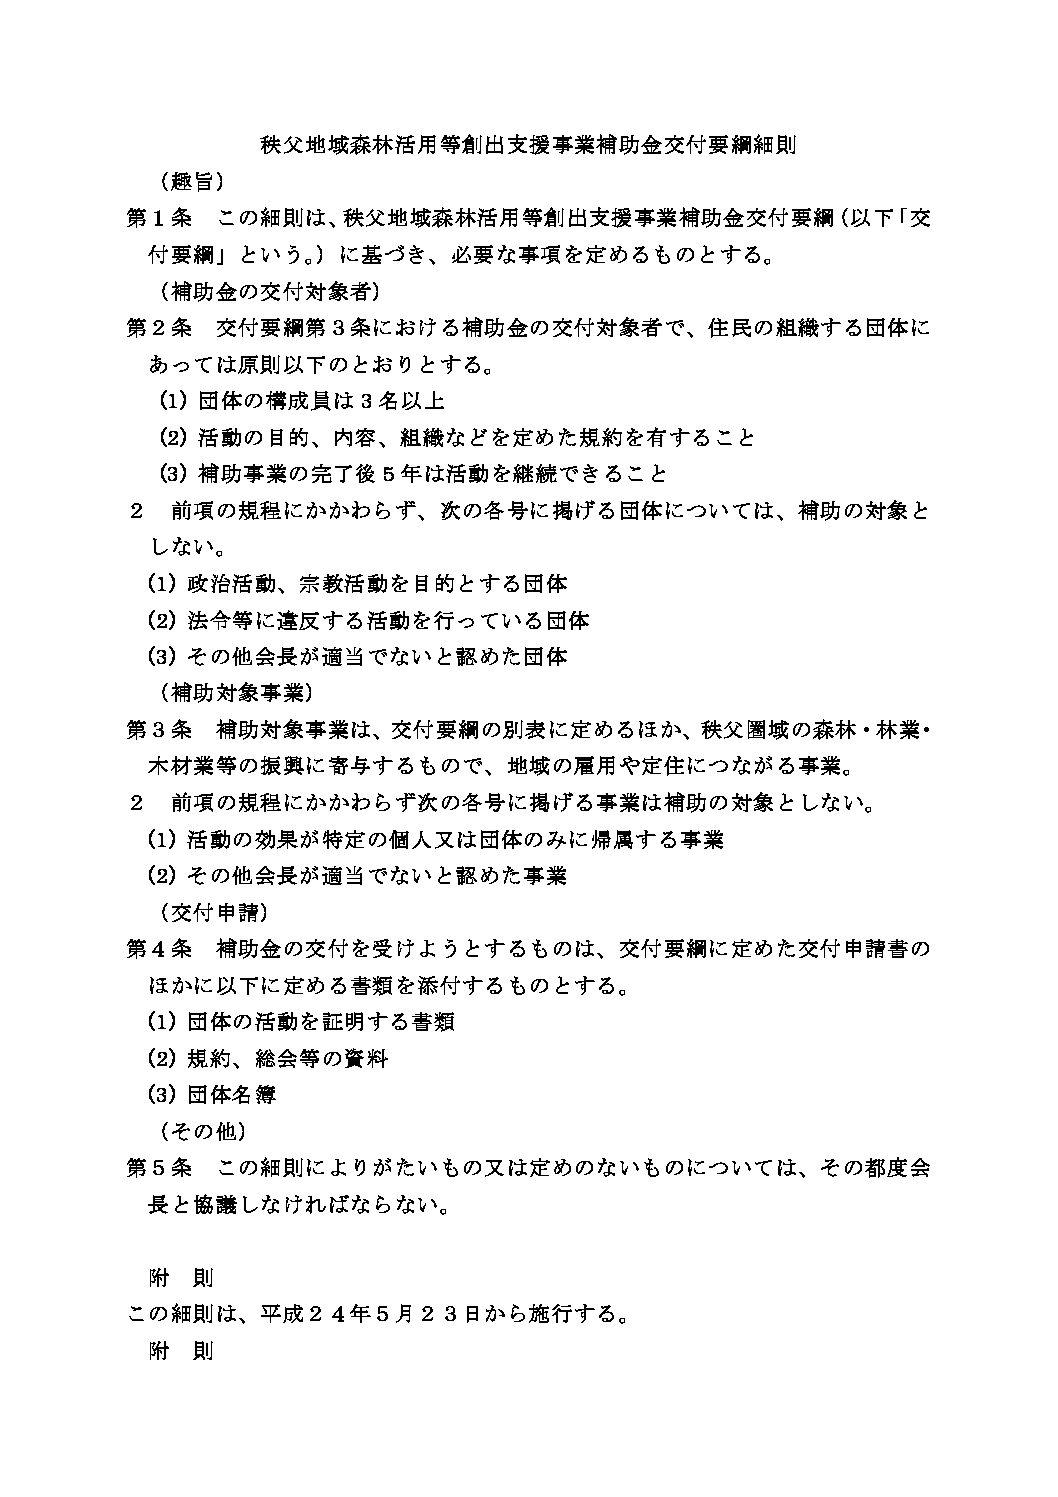 shien_hojoyokosaisoku_201805